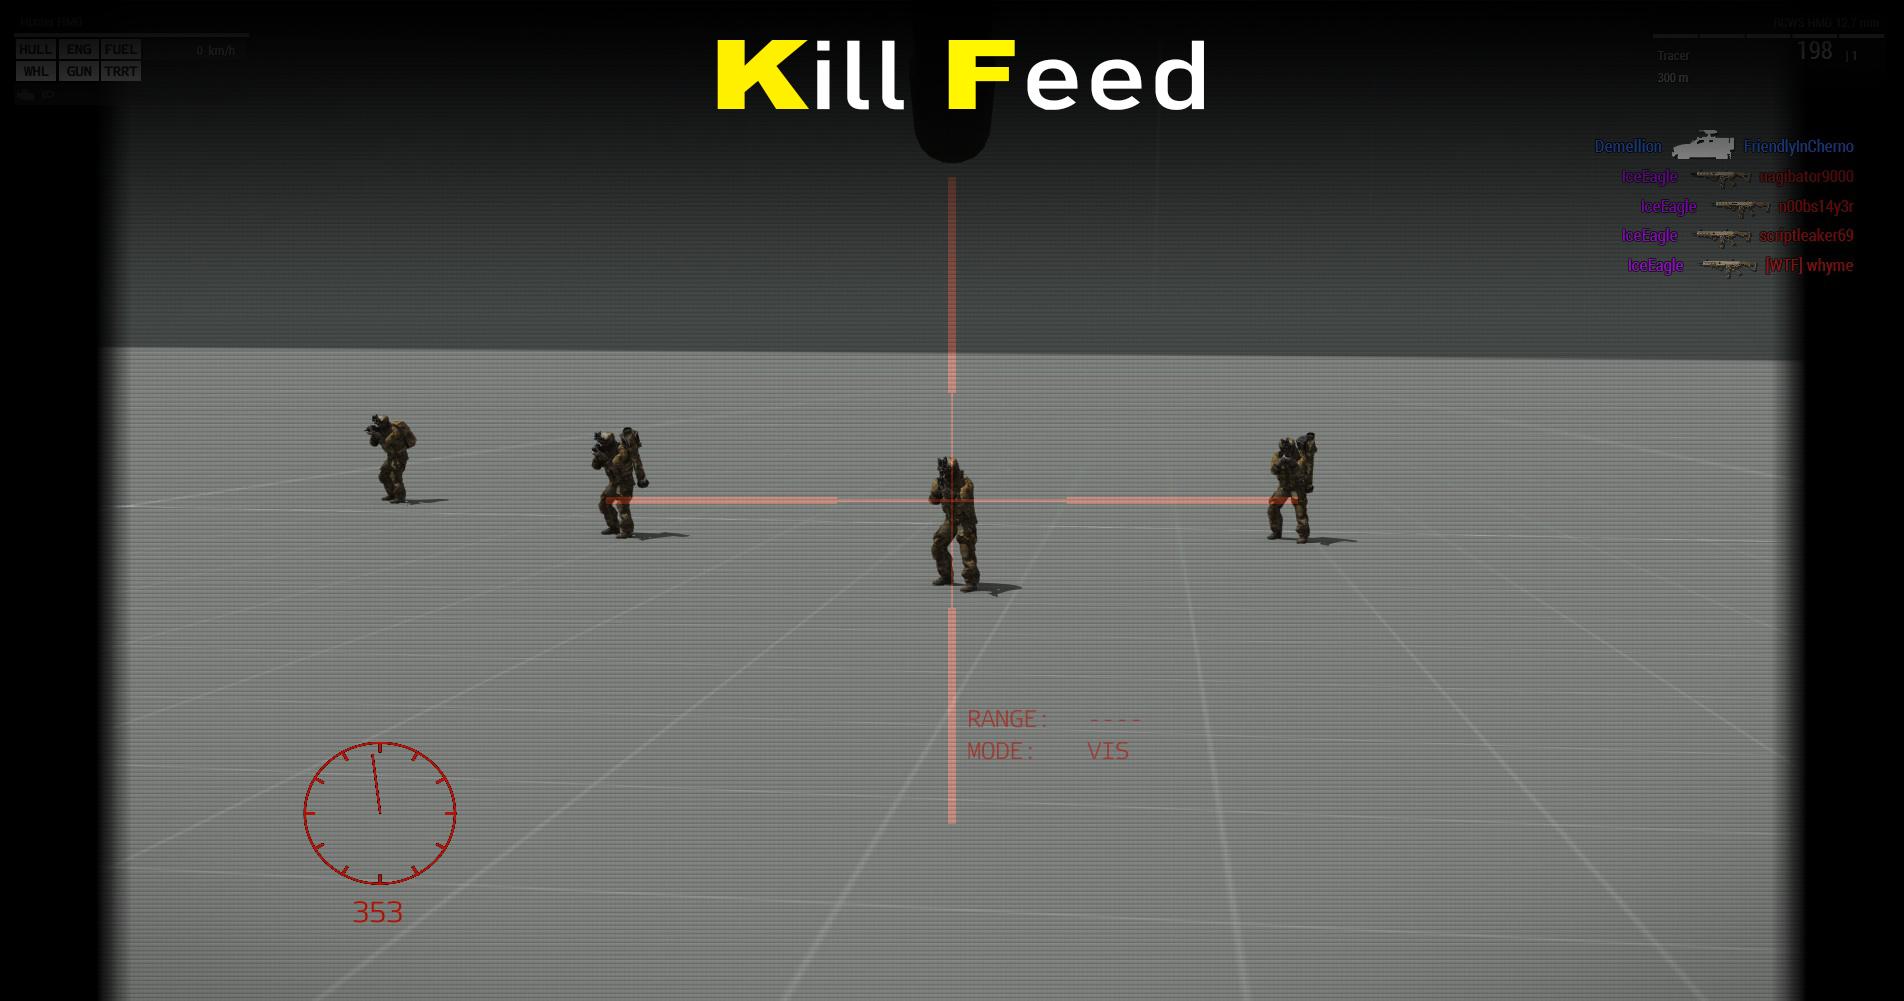 Kill Feed